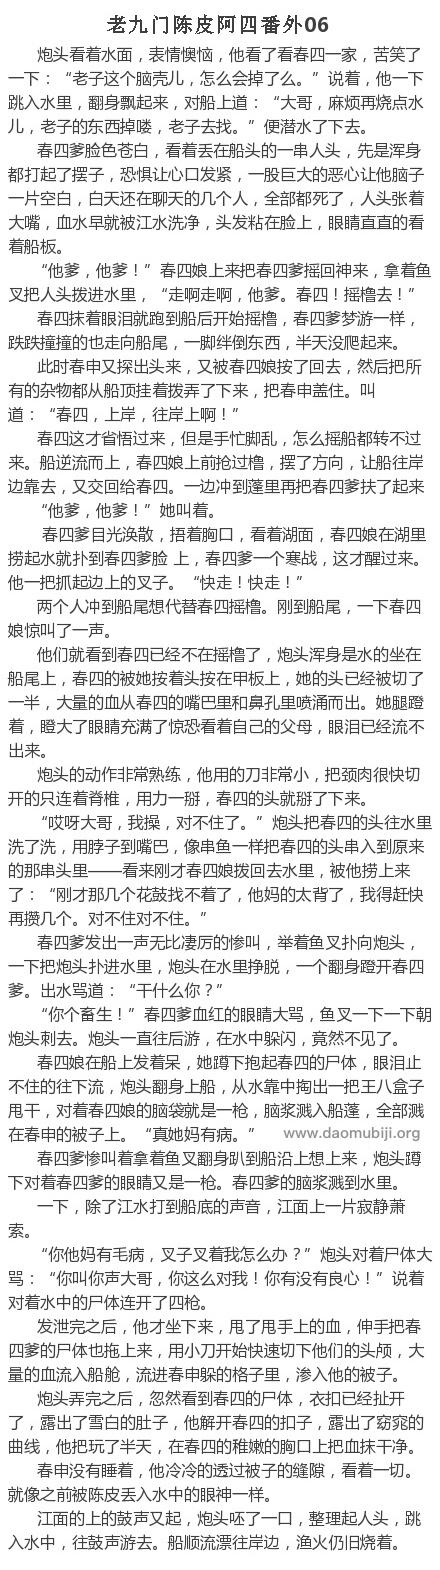 陈皮阿四番外第六章修改